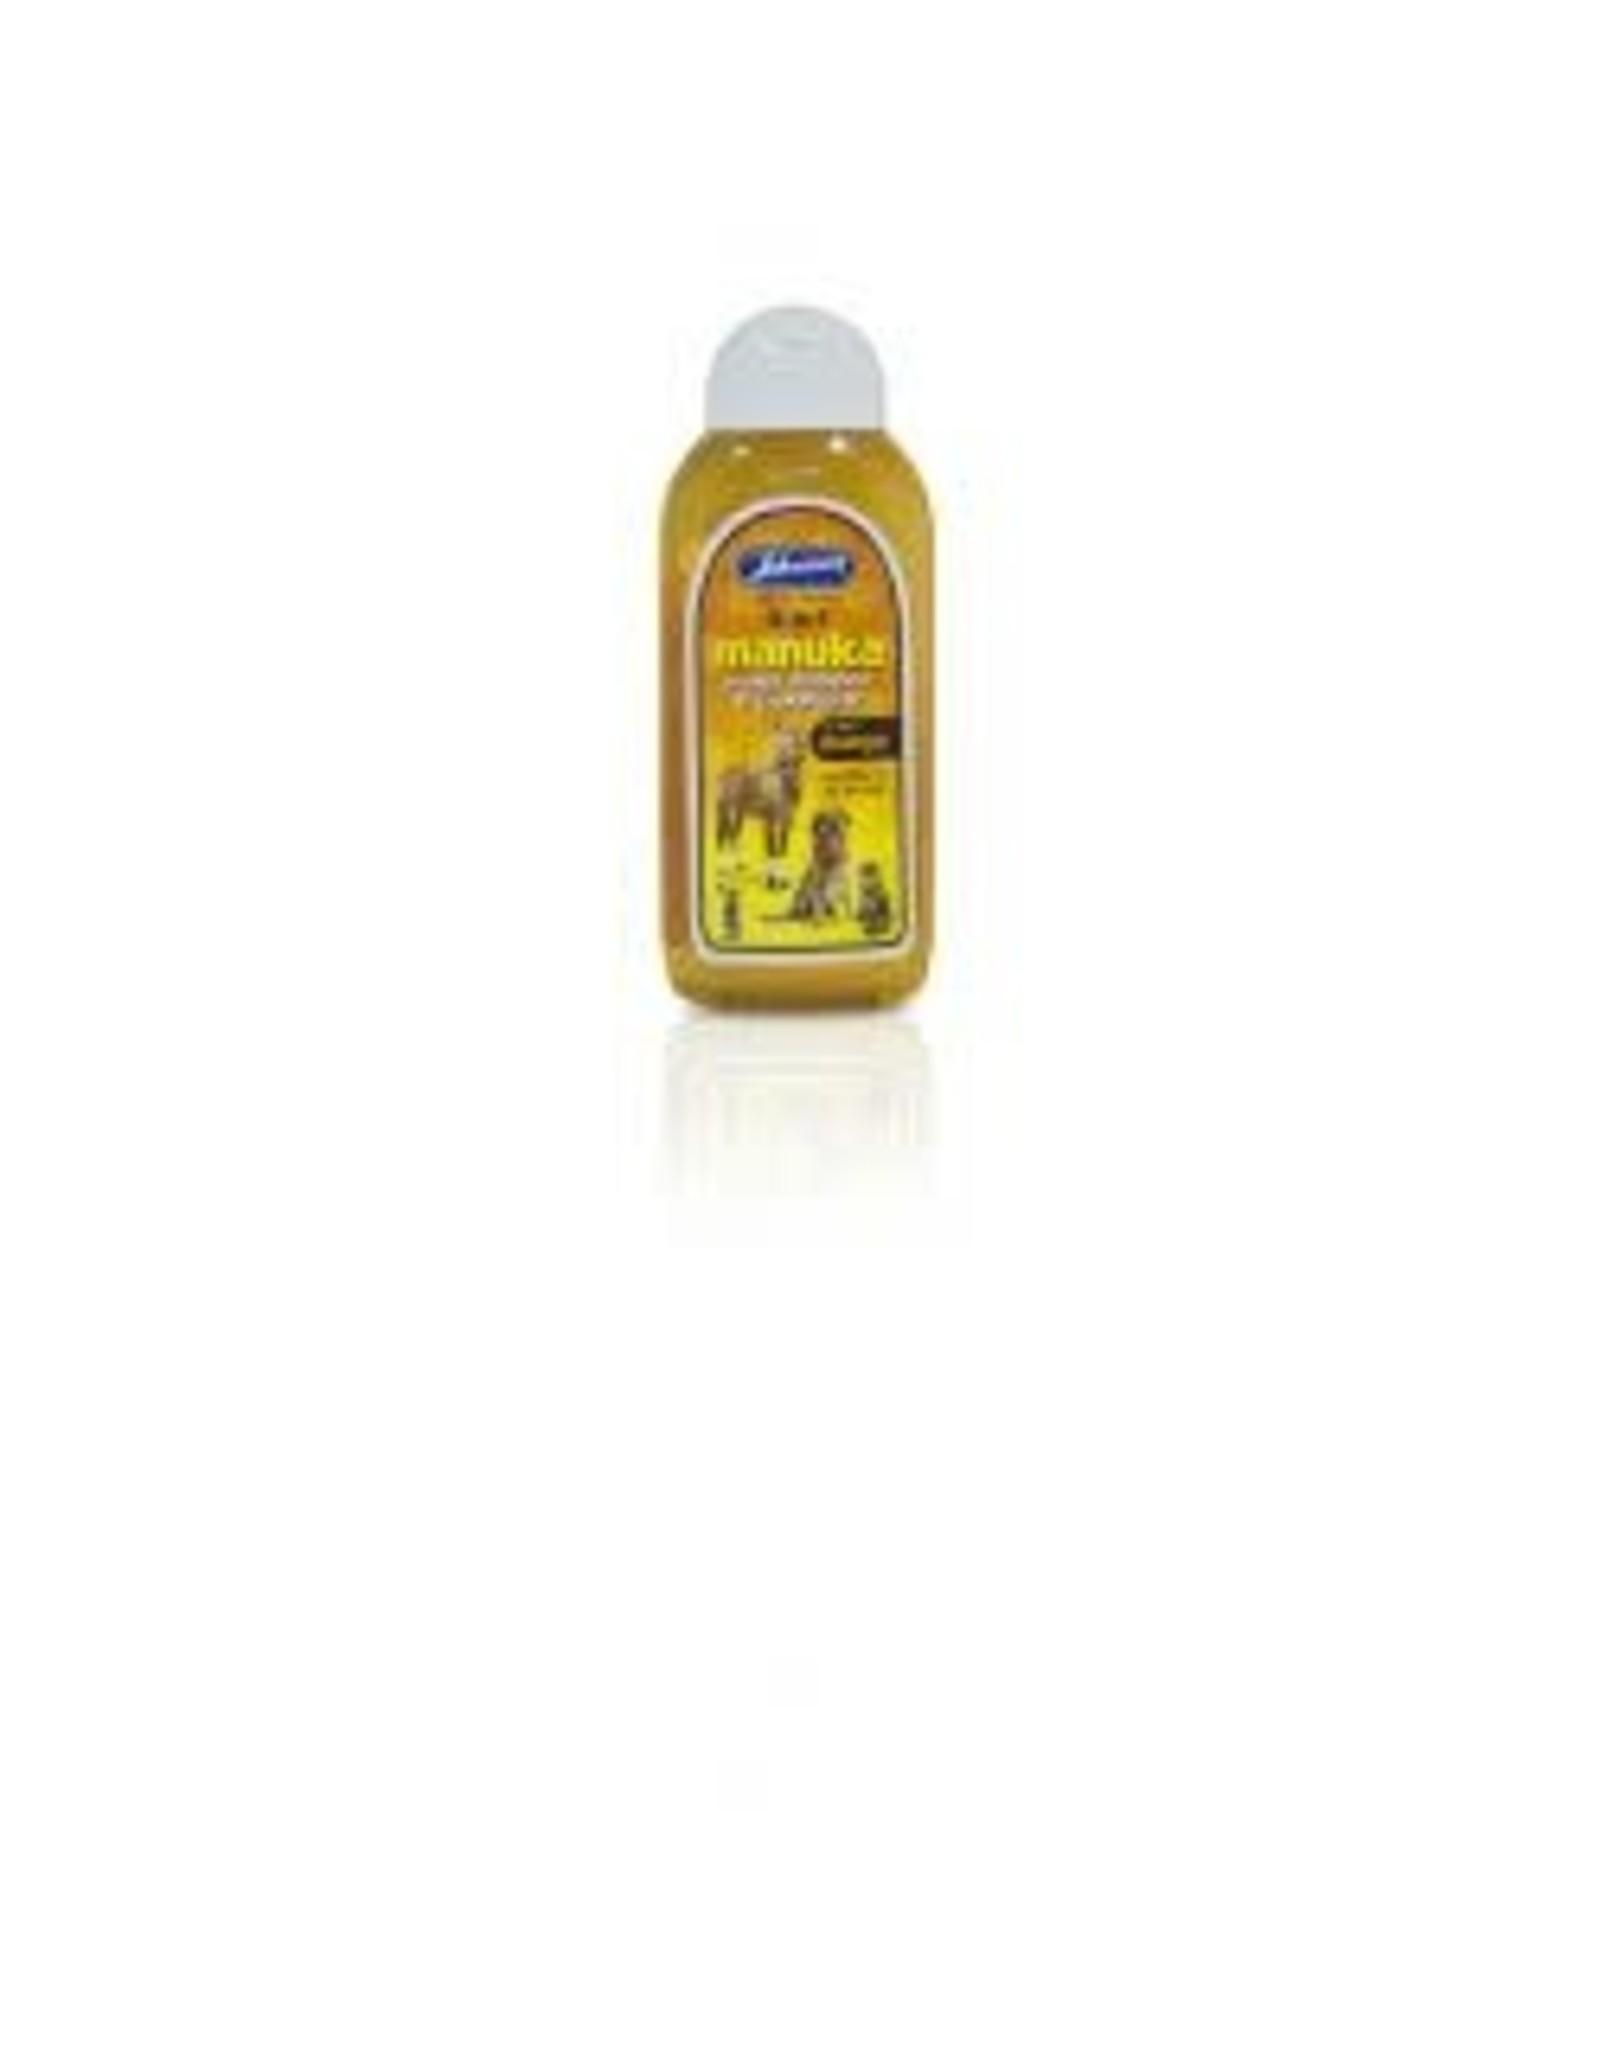 Johnsons Veterinary Products Johnsons Manuka Honey Shampoo 200ml